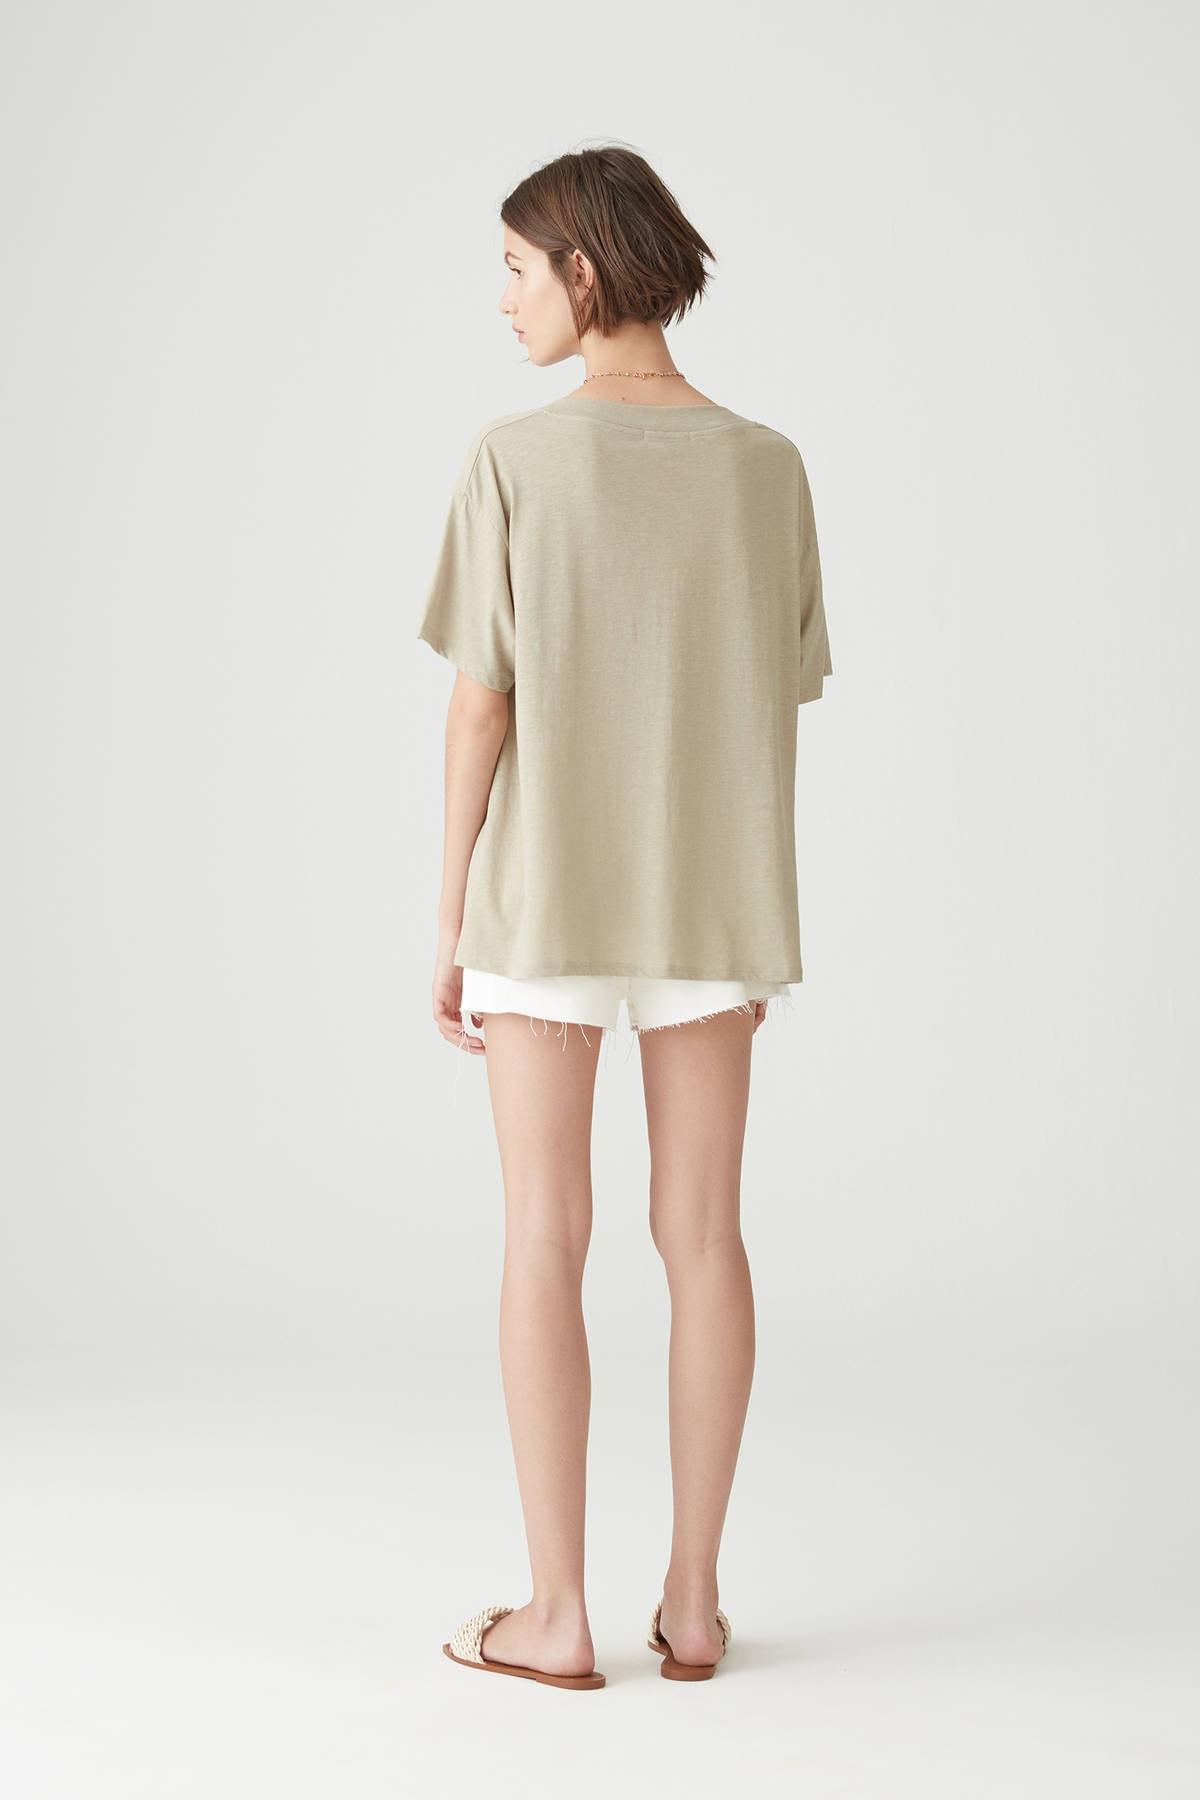 Pull & Bear Kadın Açık Haki Basic Oversize Düğümlü Örgü T-Shirt 05236324 2